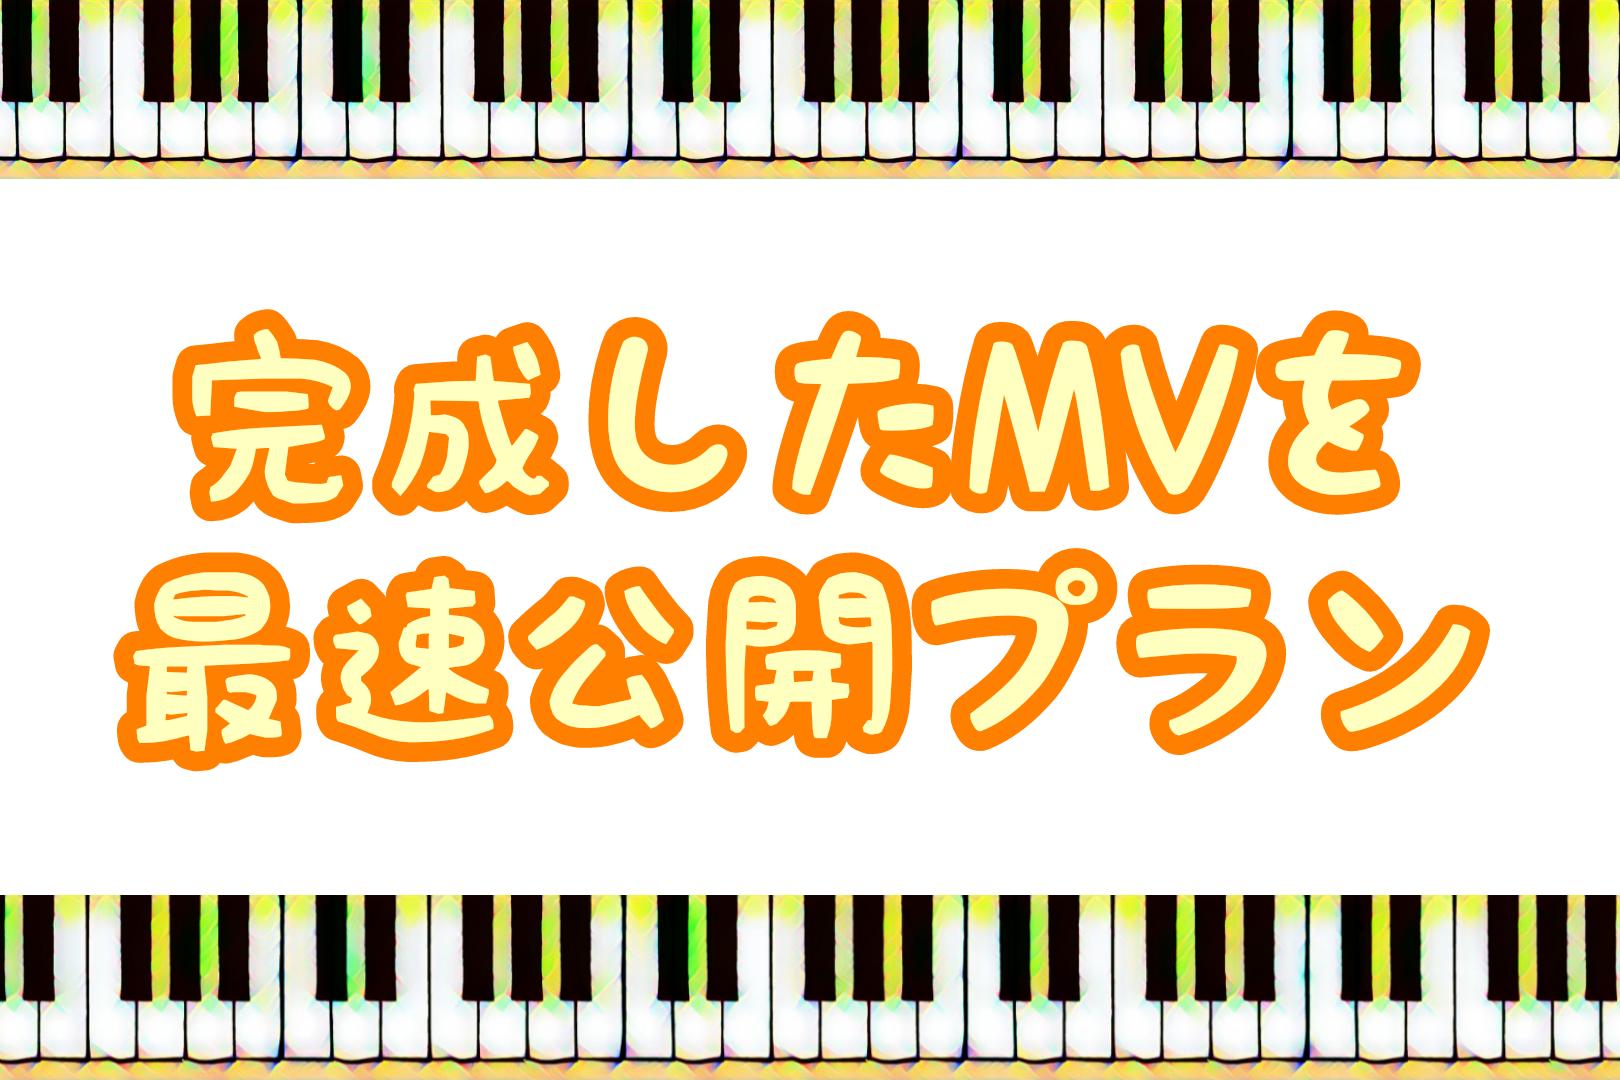 <完成したMVを最速公開 プラン>